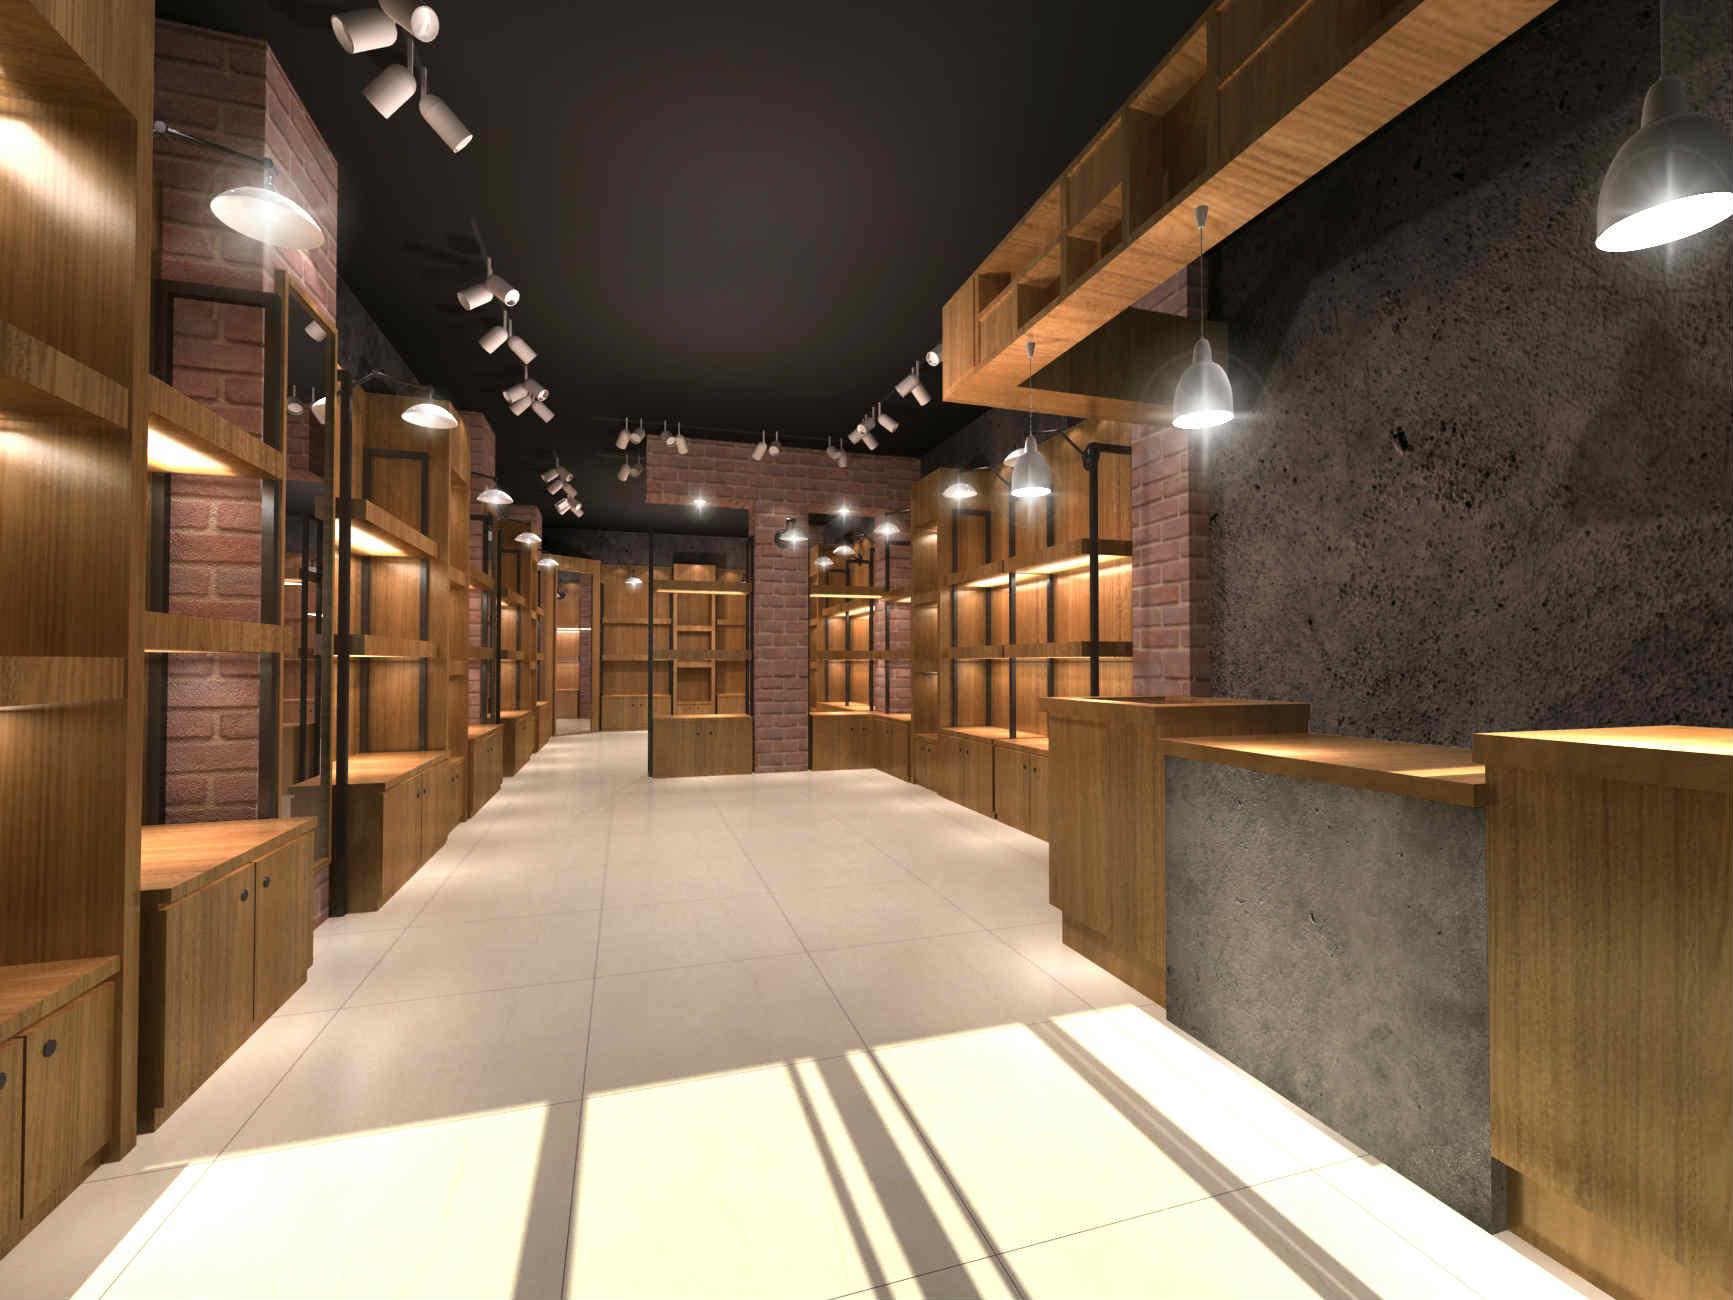 皮具展柜 也是一愣供货厂家|皮包展示攻�袅�柜靠谱供应商